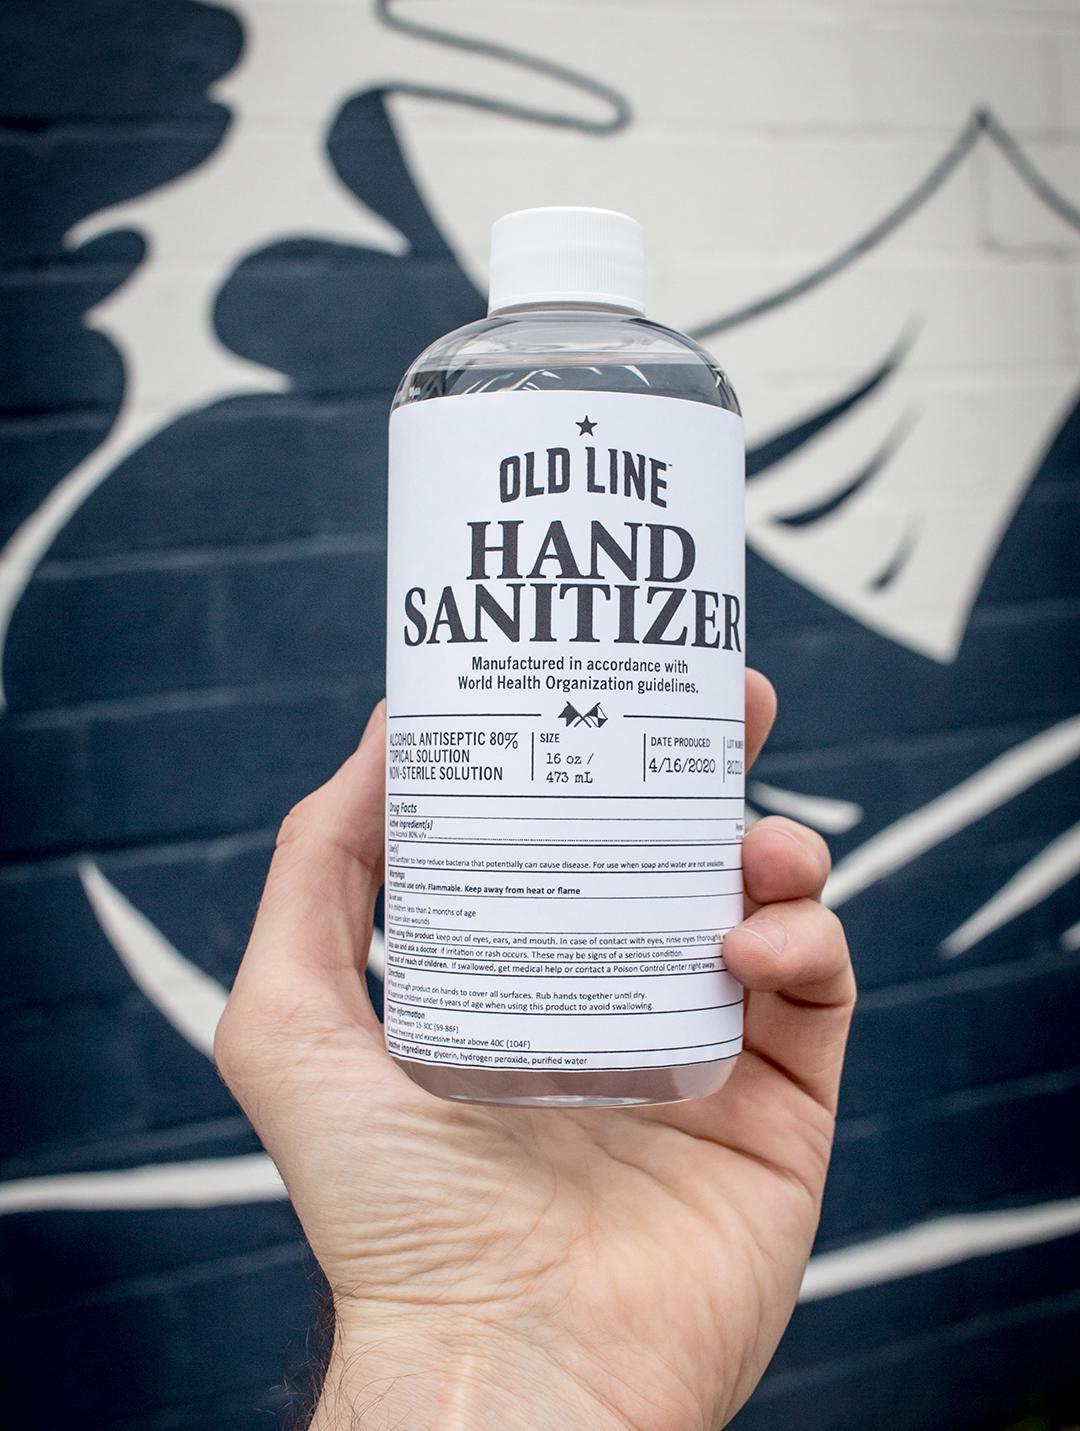 Old Line Hand Sanitizer